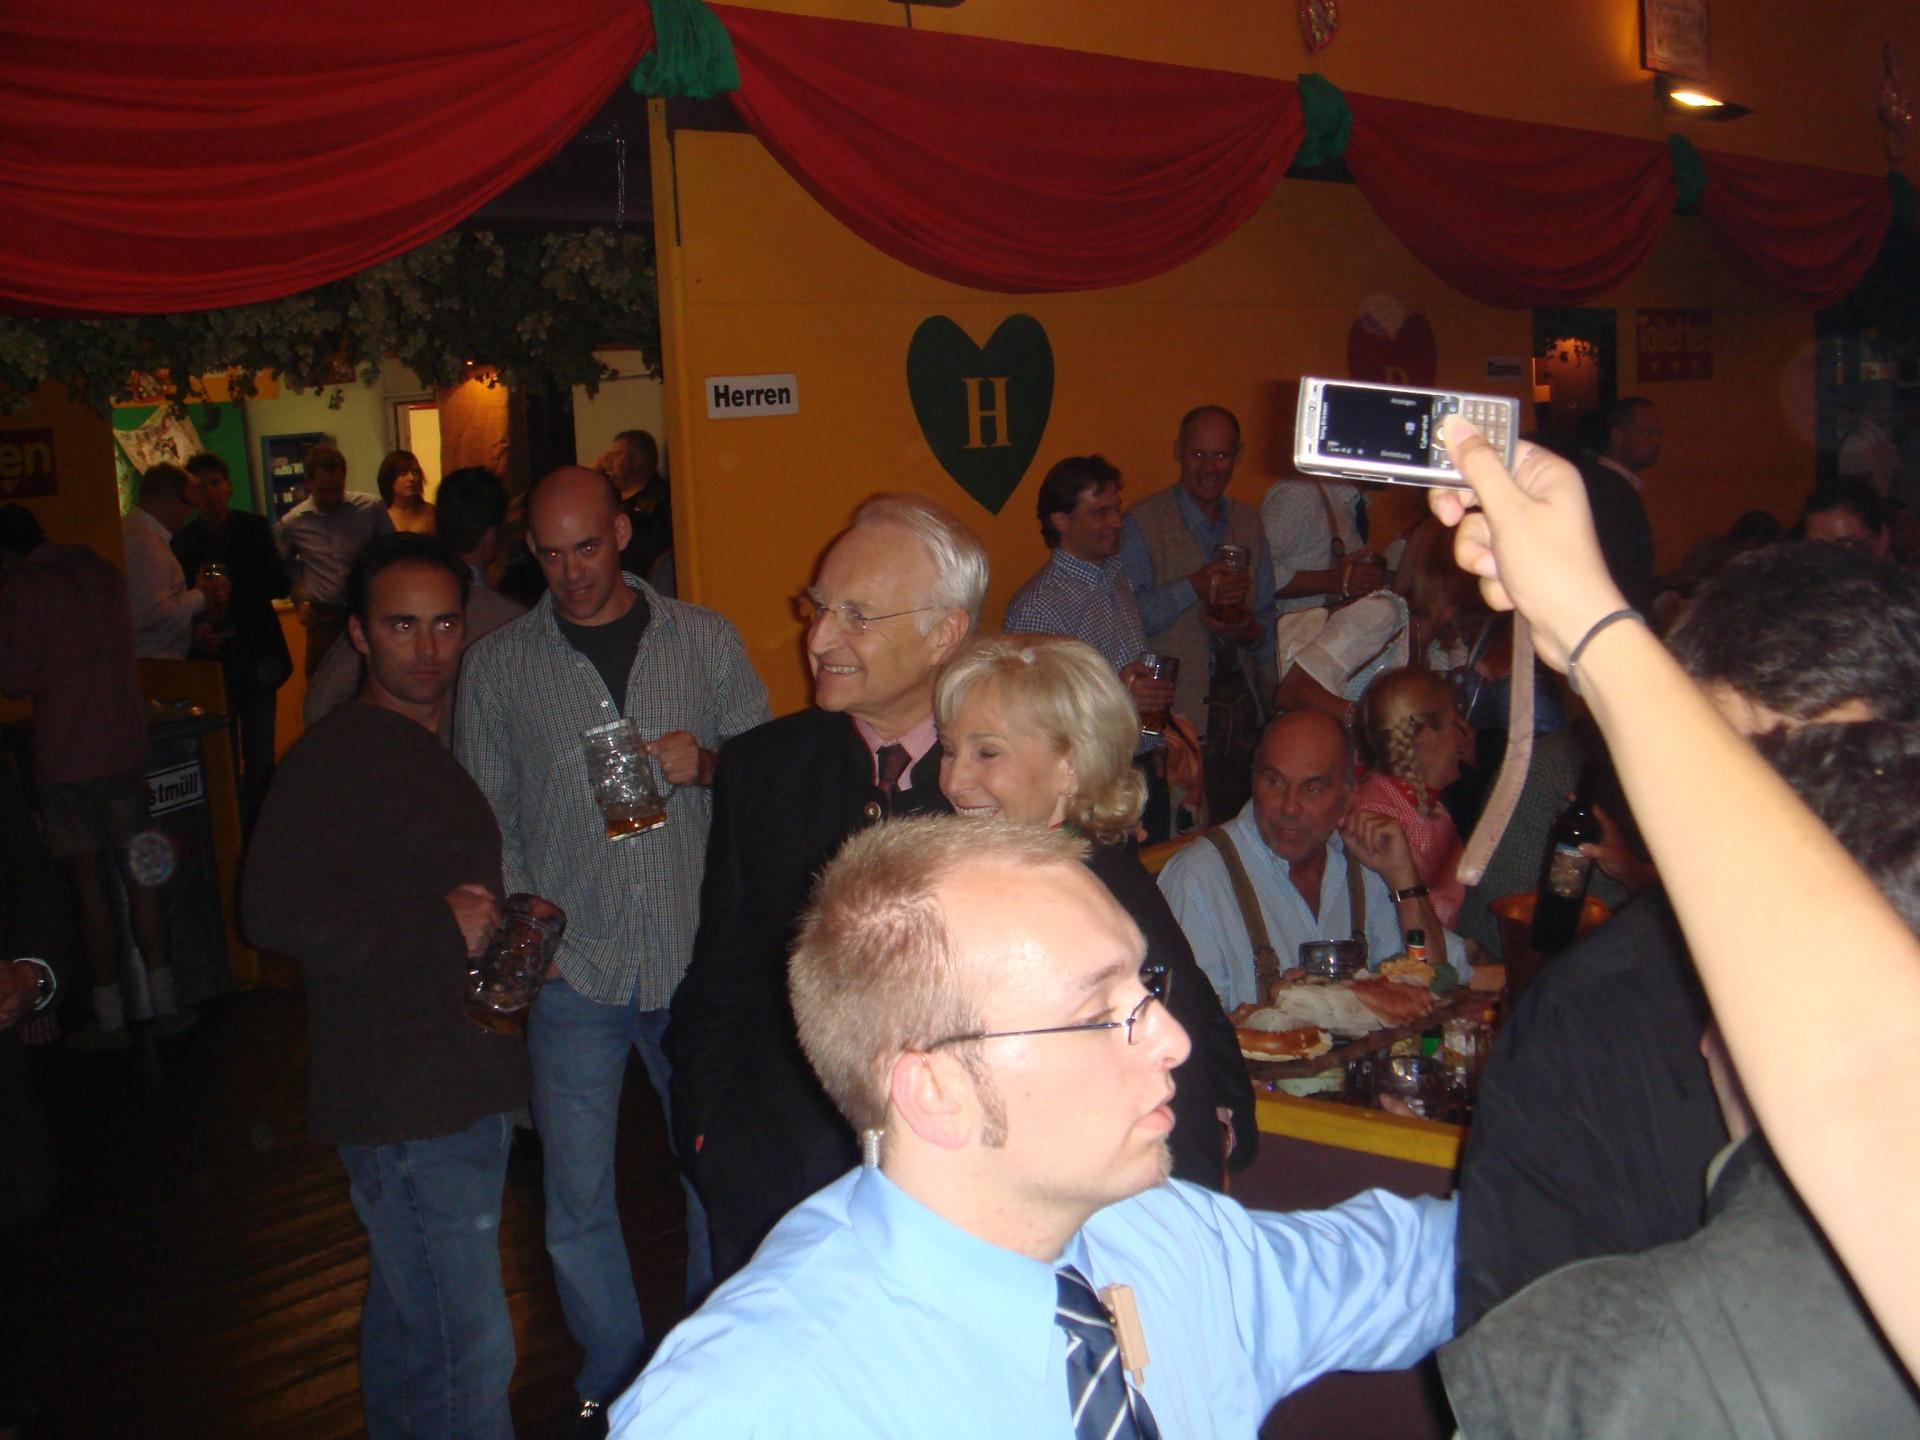 Simmisamma die Oktoberfestband – Konzert Hippodrom Oktoberfest München Deutschland 93